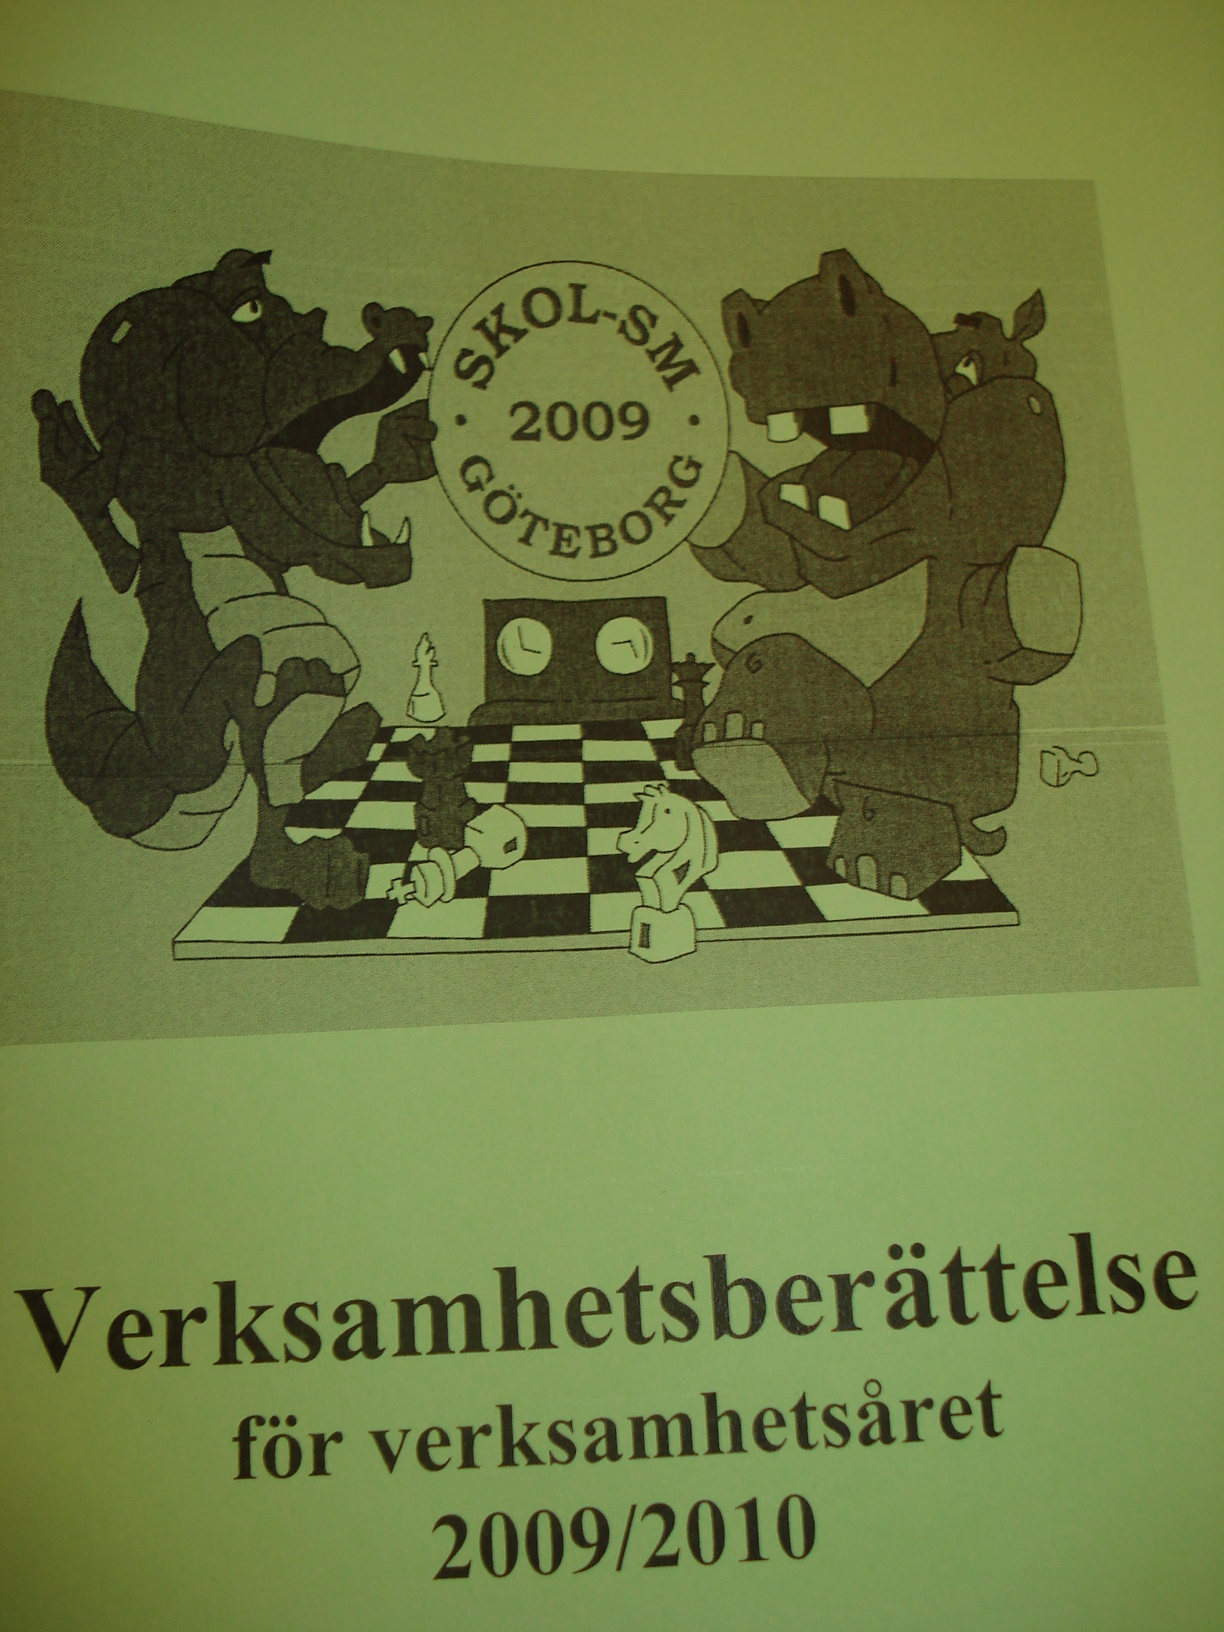 Krokis och Flodis förgyllde såväl Skol-SM  2009 som klubbens verksamhetsberättelse.